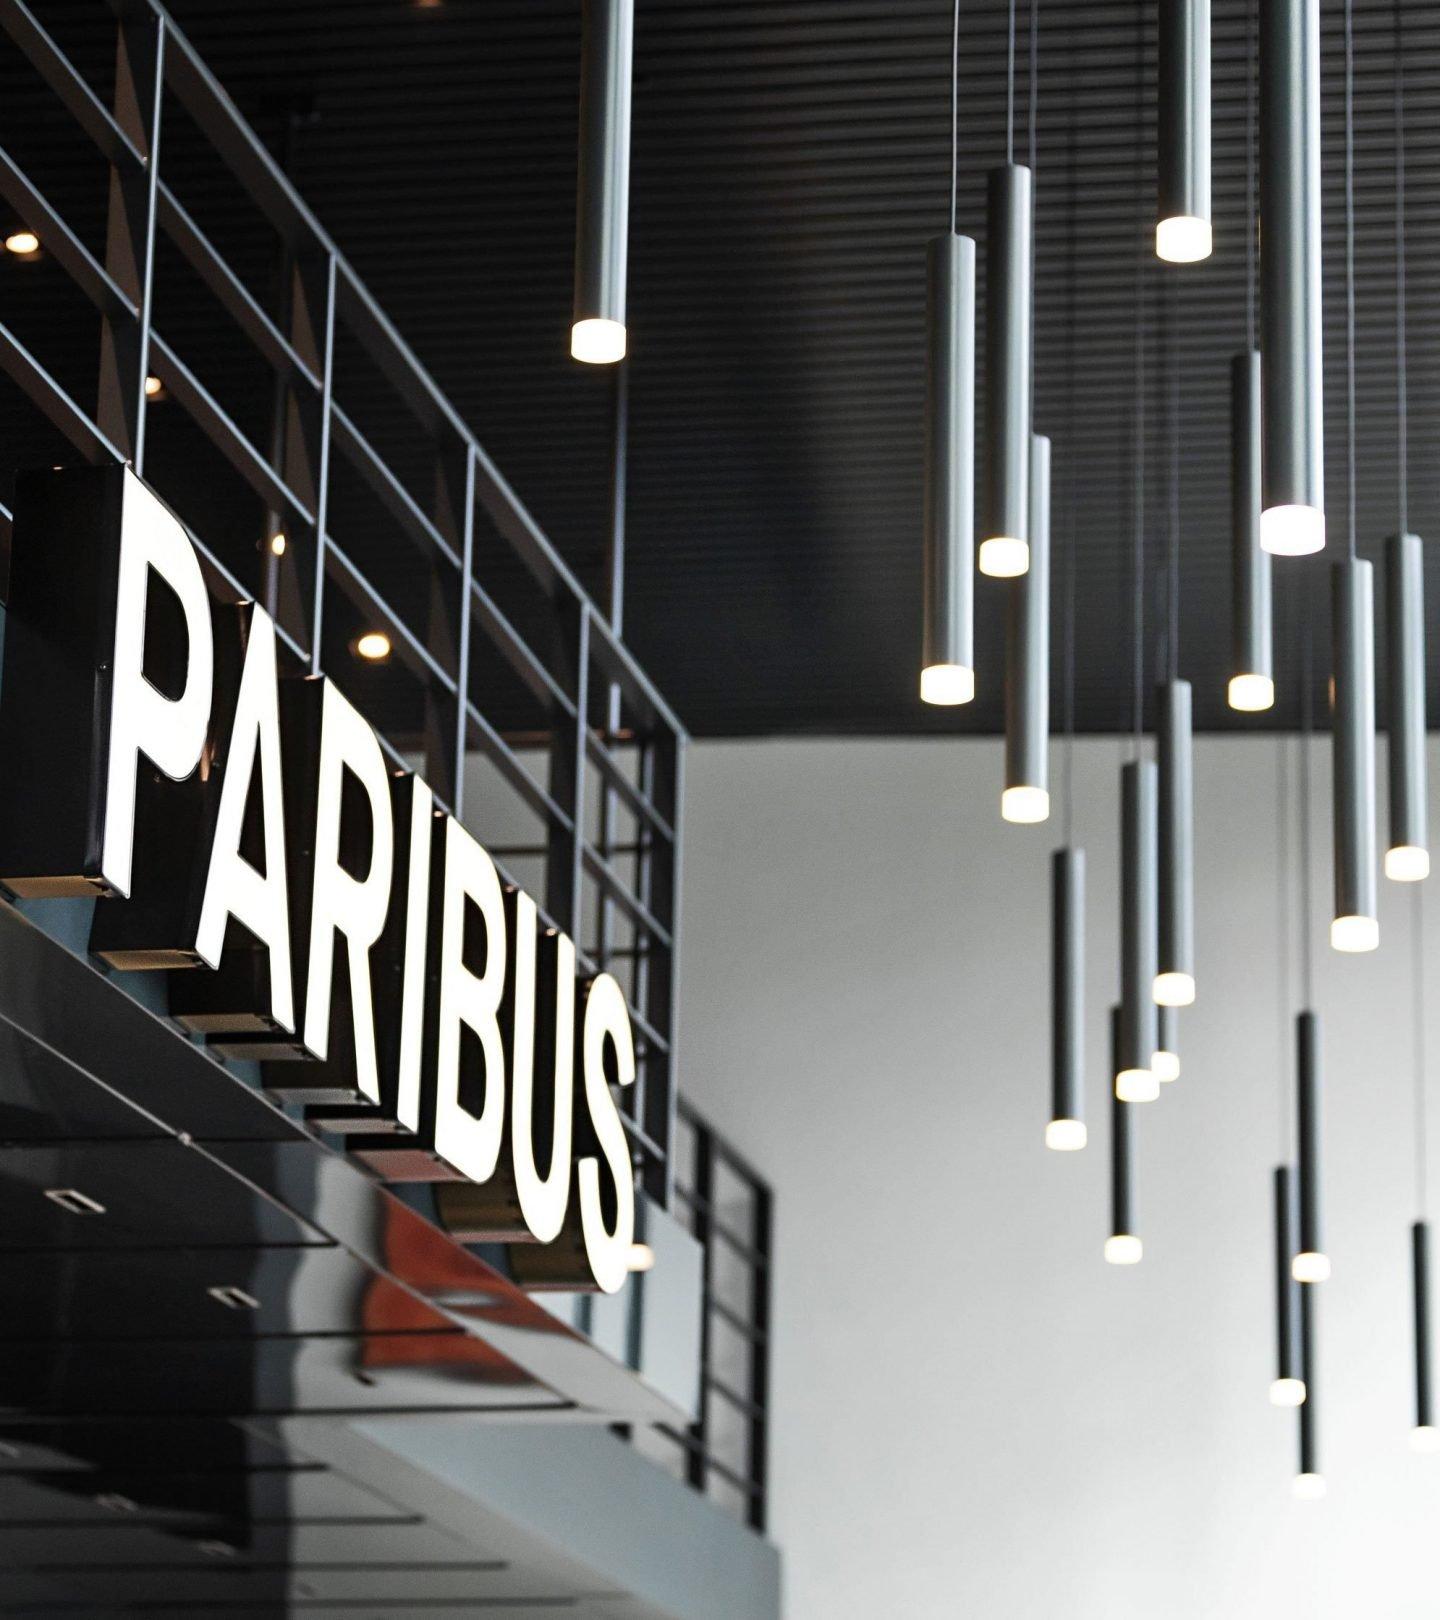 Paribus-Schriftzug im Empfangsbereich